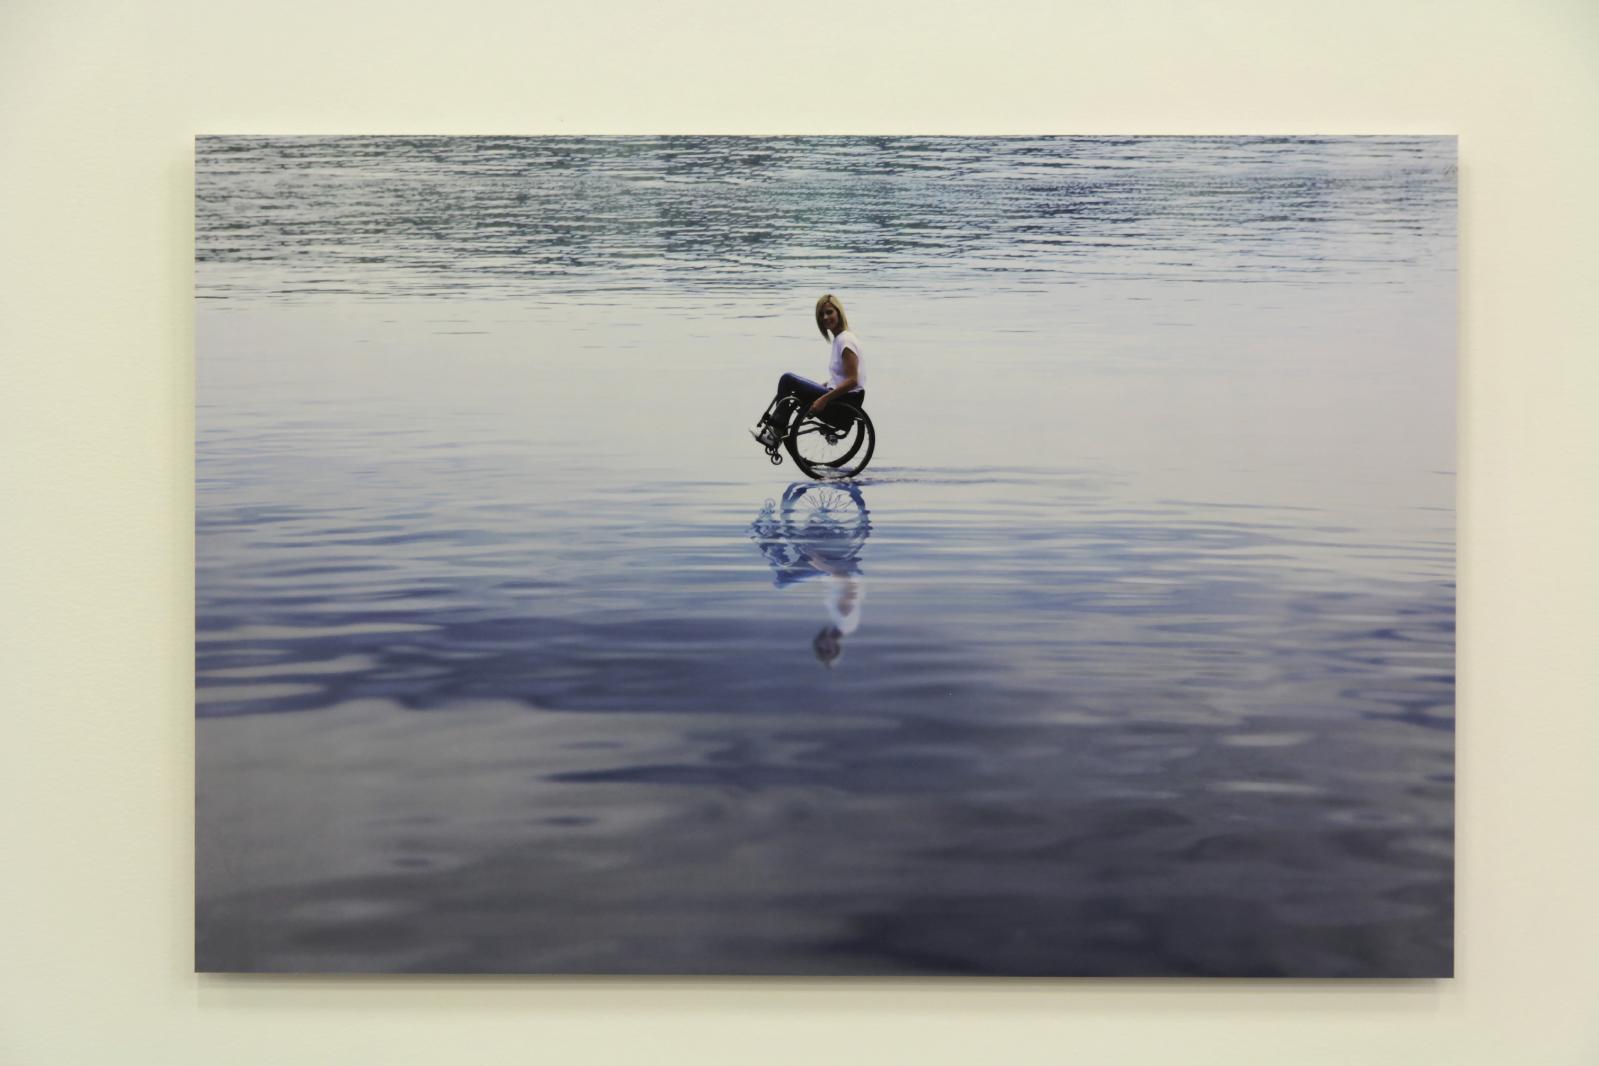 Performance imaginée par Maurizio Cattelan sur le lac de Zurich, telle qu'elle aurait dû être vue.